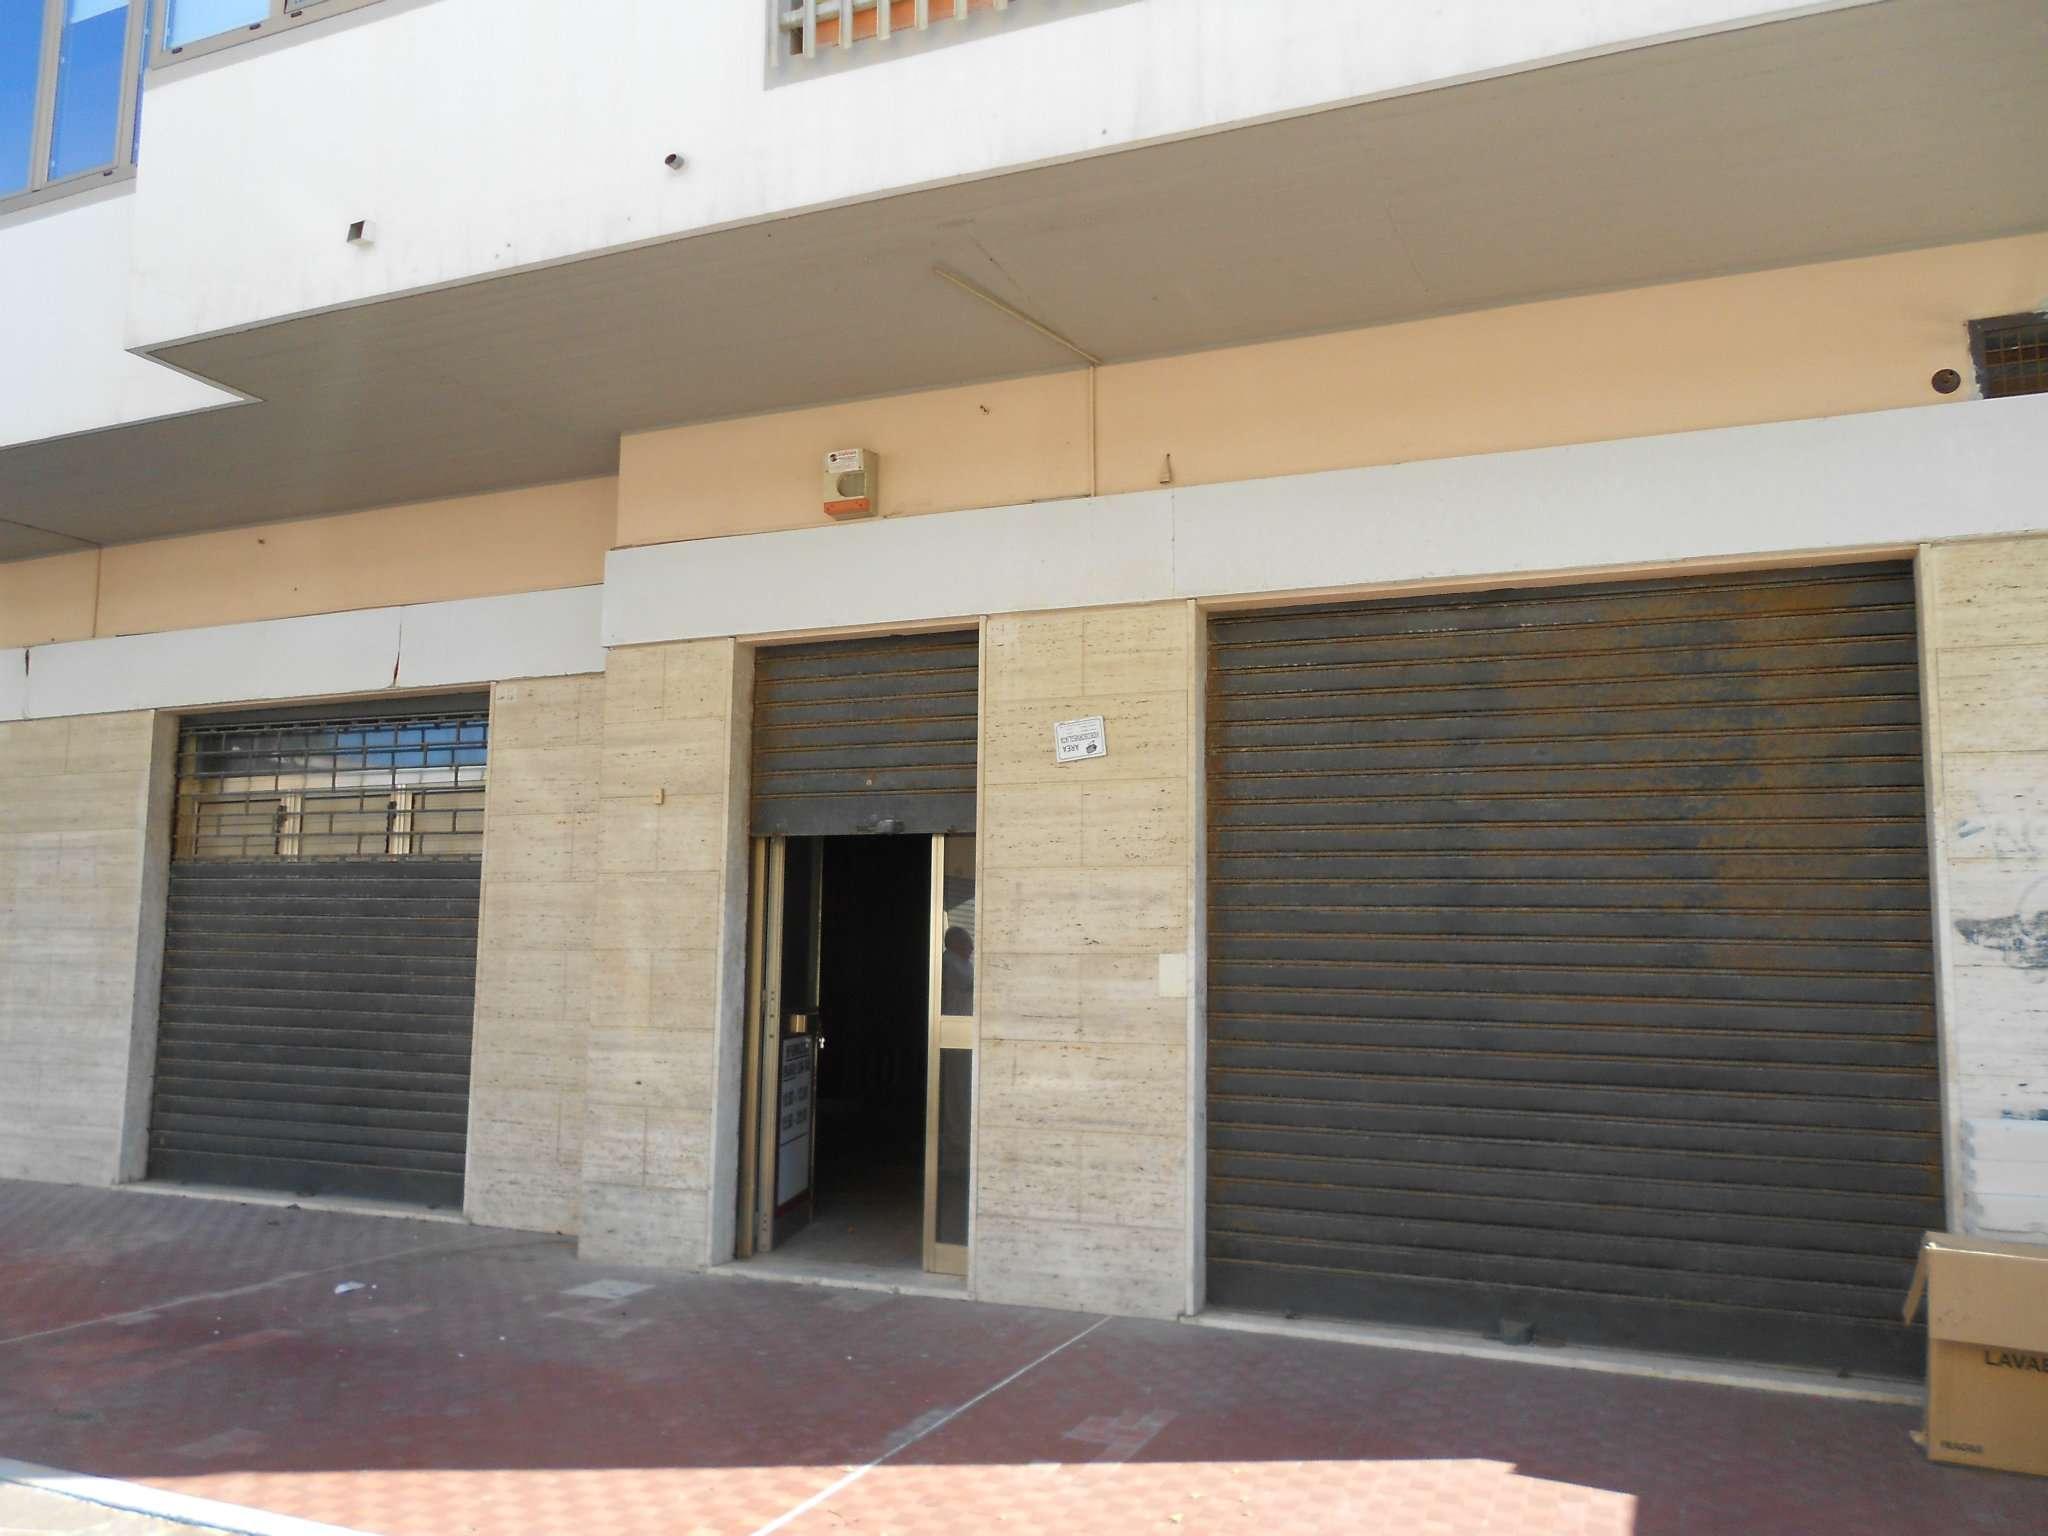 Negozio / Locale in affitto a Francavilla al Mare, 4 locali, prezzo € 600 | CambioCasa.it